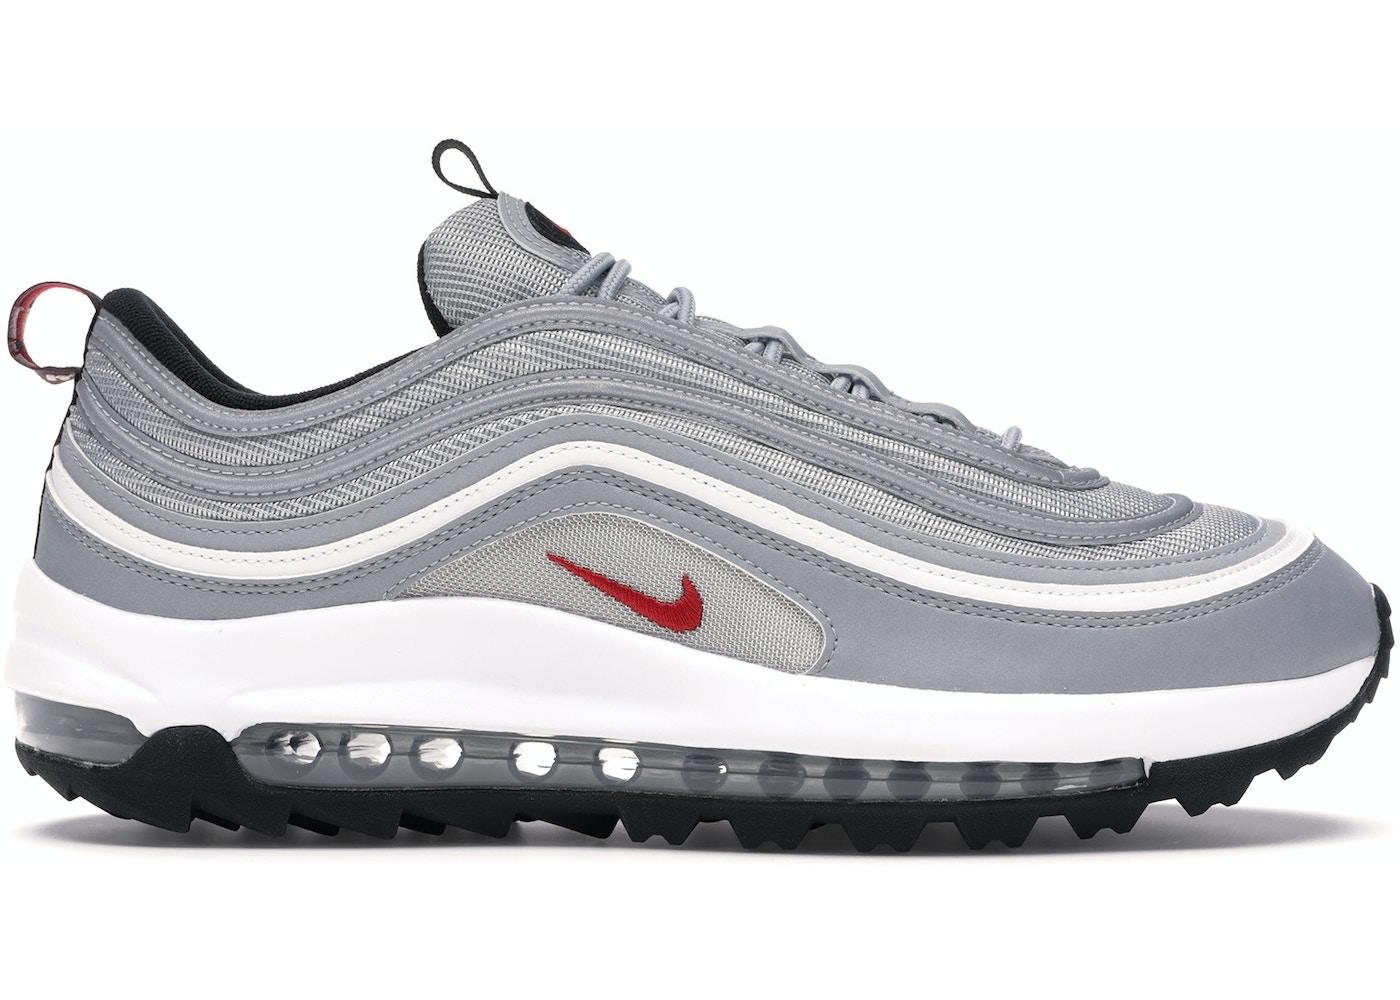 Nike Air Max 97 Golf Silver Bullet Ci7538 001